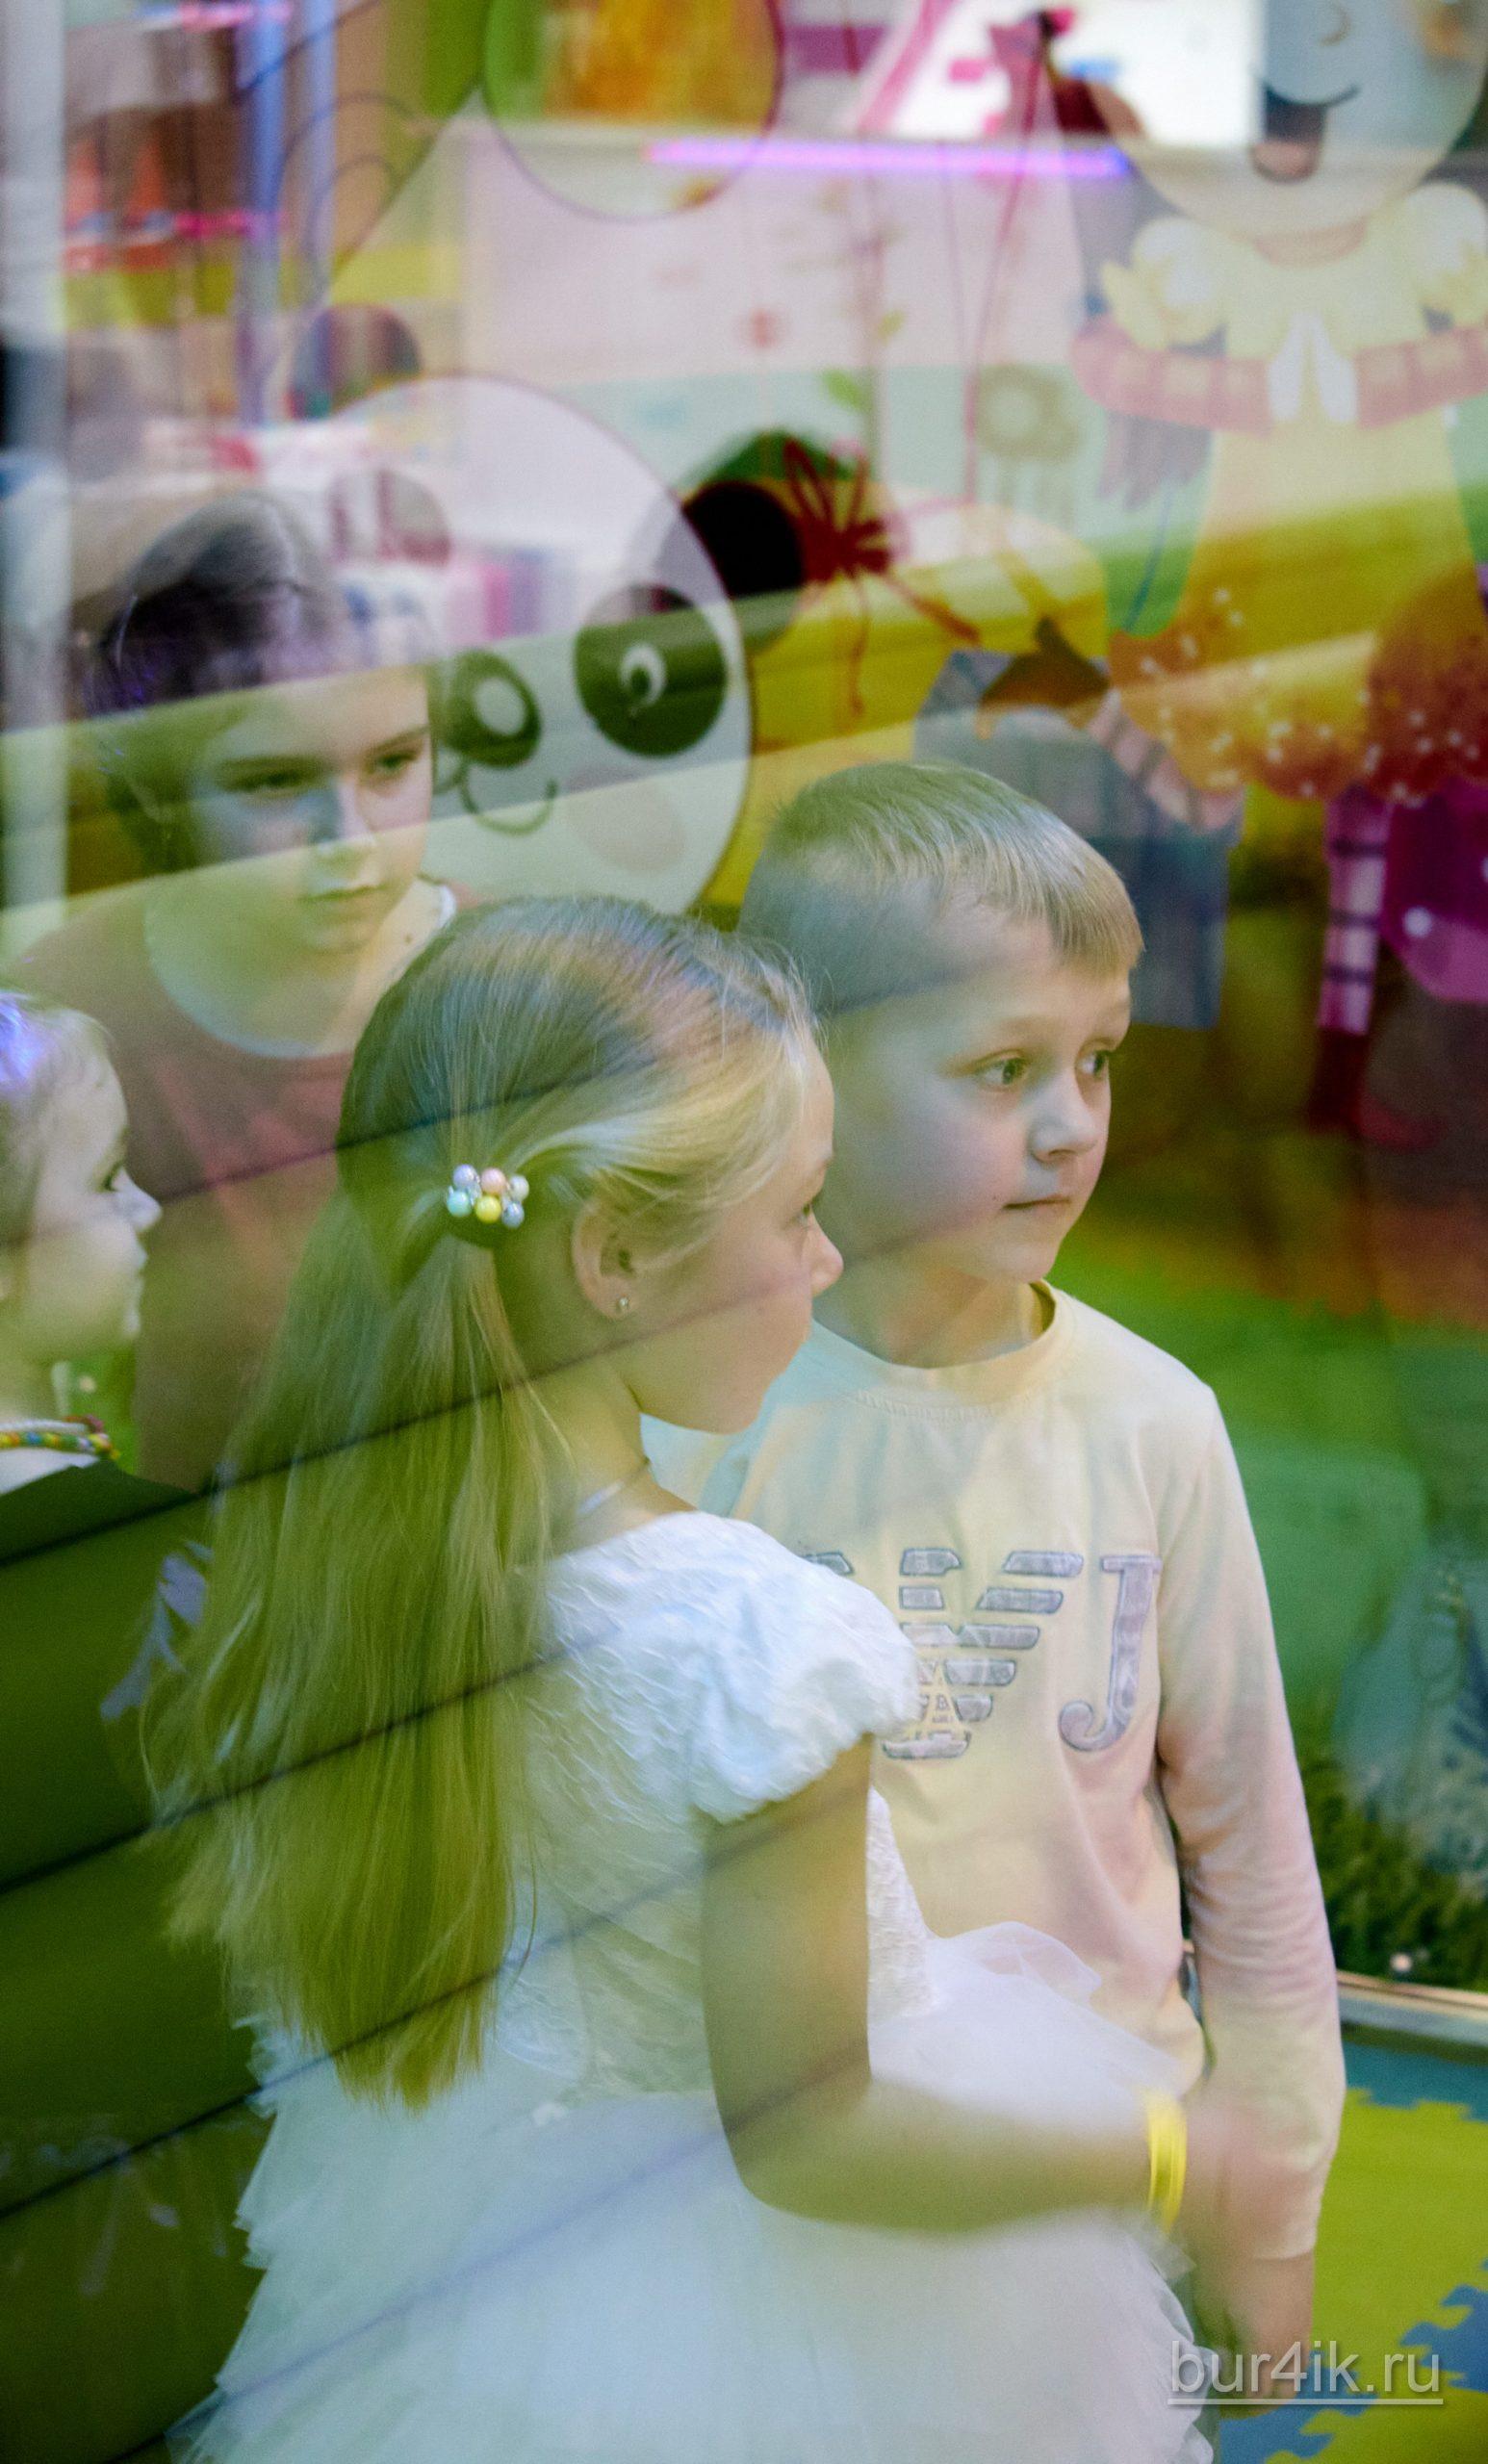 Фото Детское День Рождения в Детский Дворик 15.01.2020 №208 -photo- bur4ik.ru